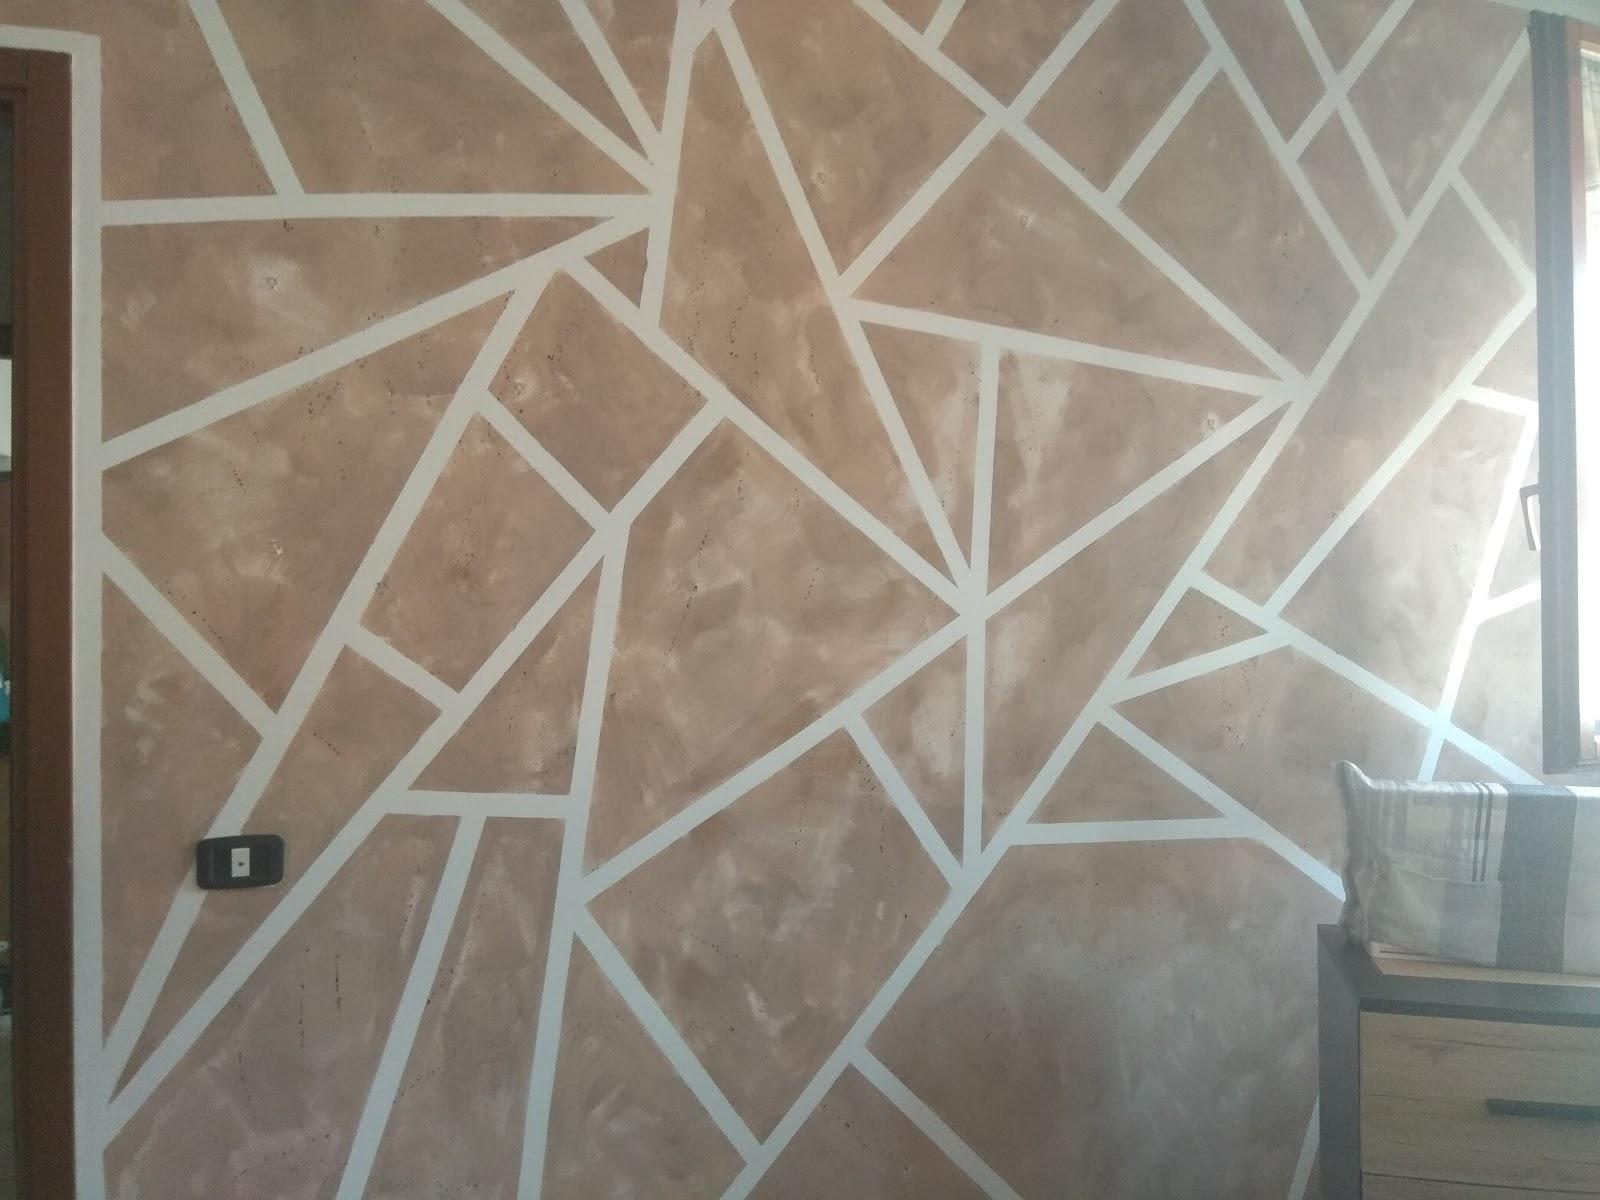 Disegni Sui Muri Di Casa come dipingere una parete in modo originale - i segreti